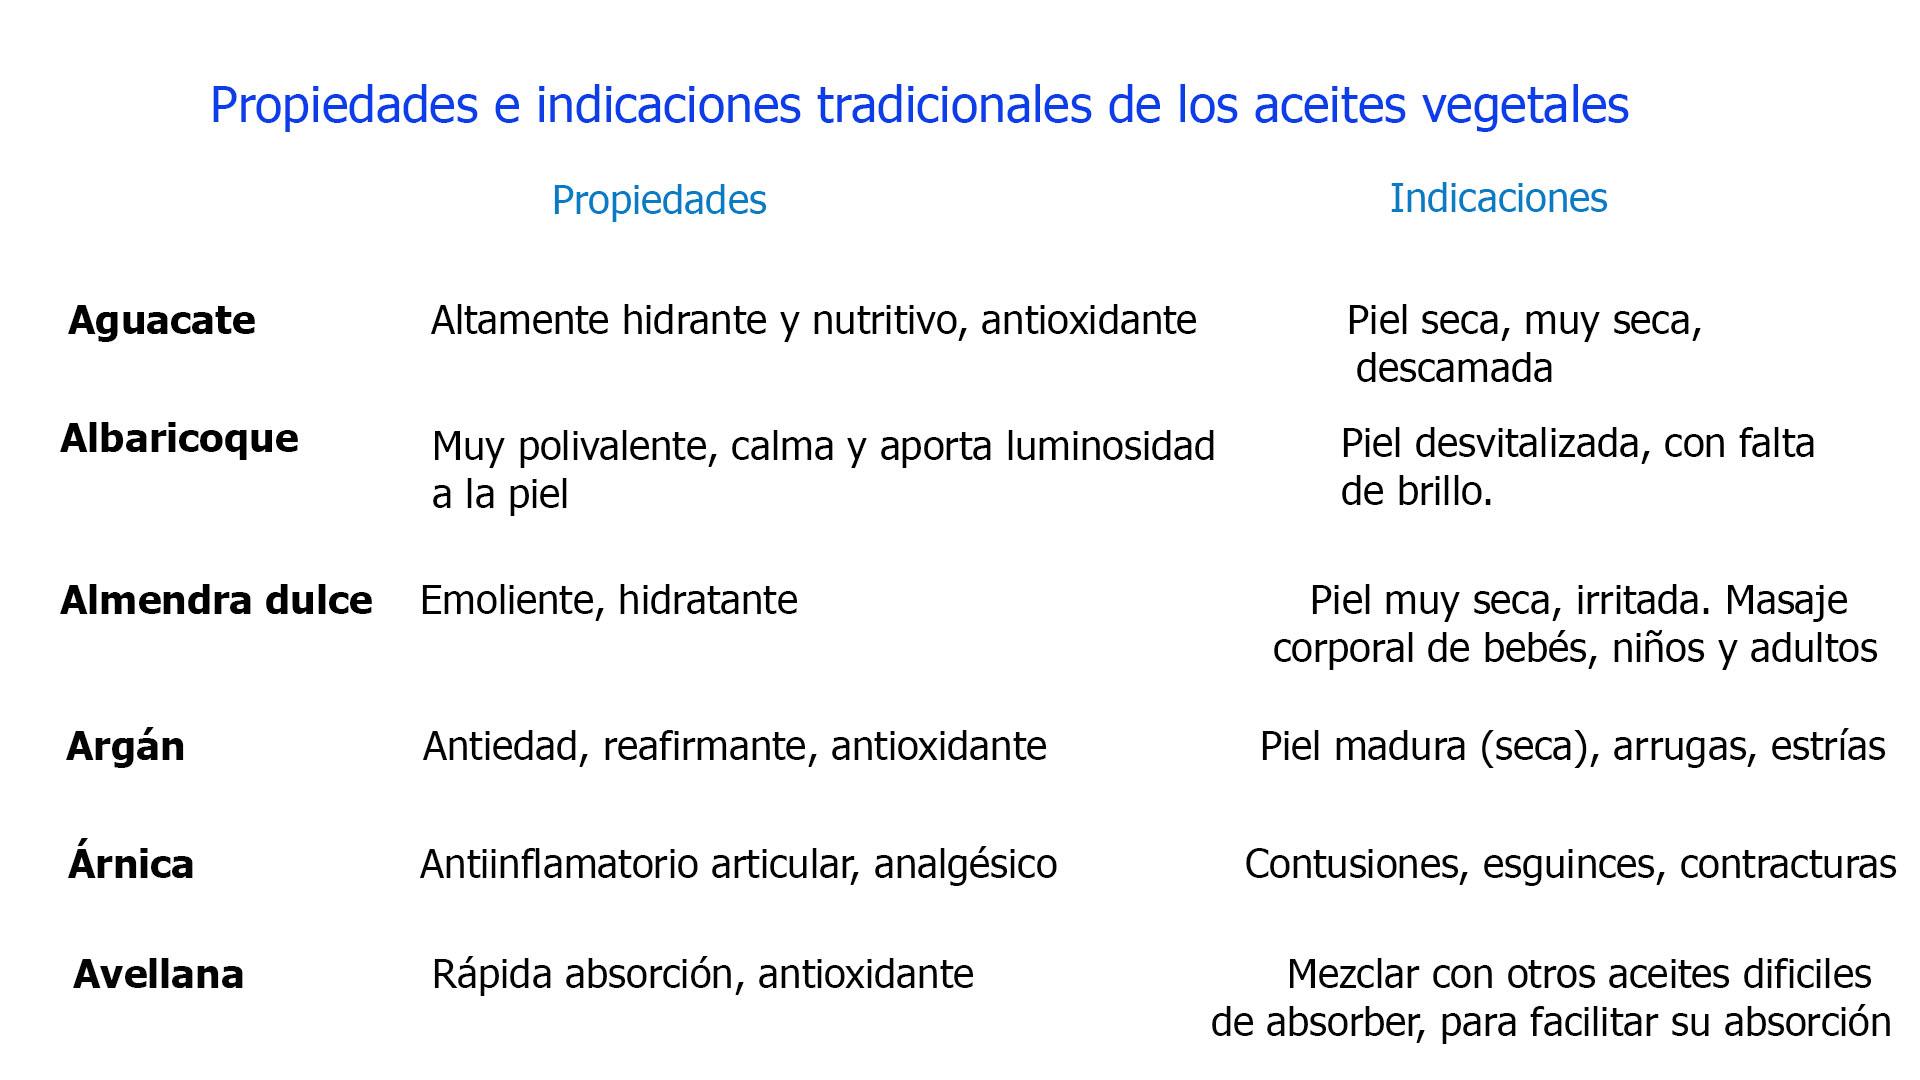 Descripción de las propiedades e indicaciones clave de los aceites vegetales